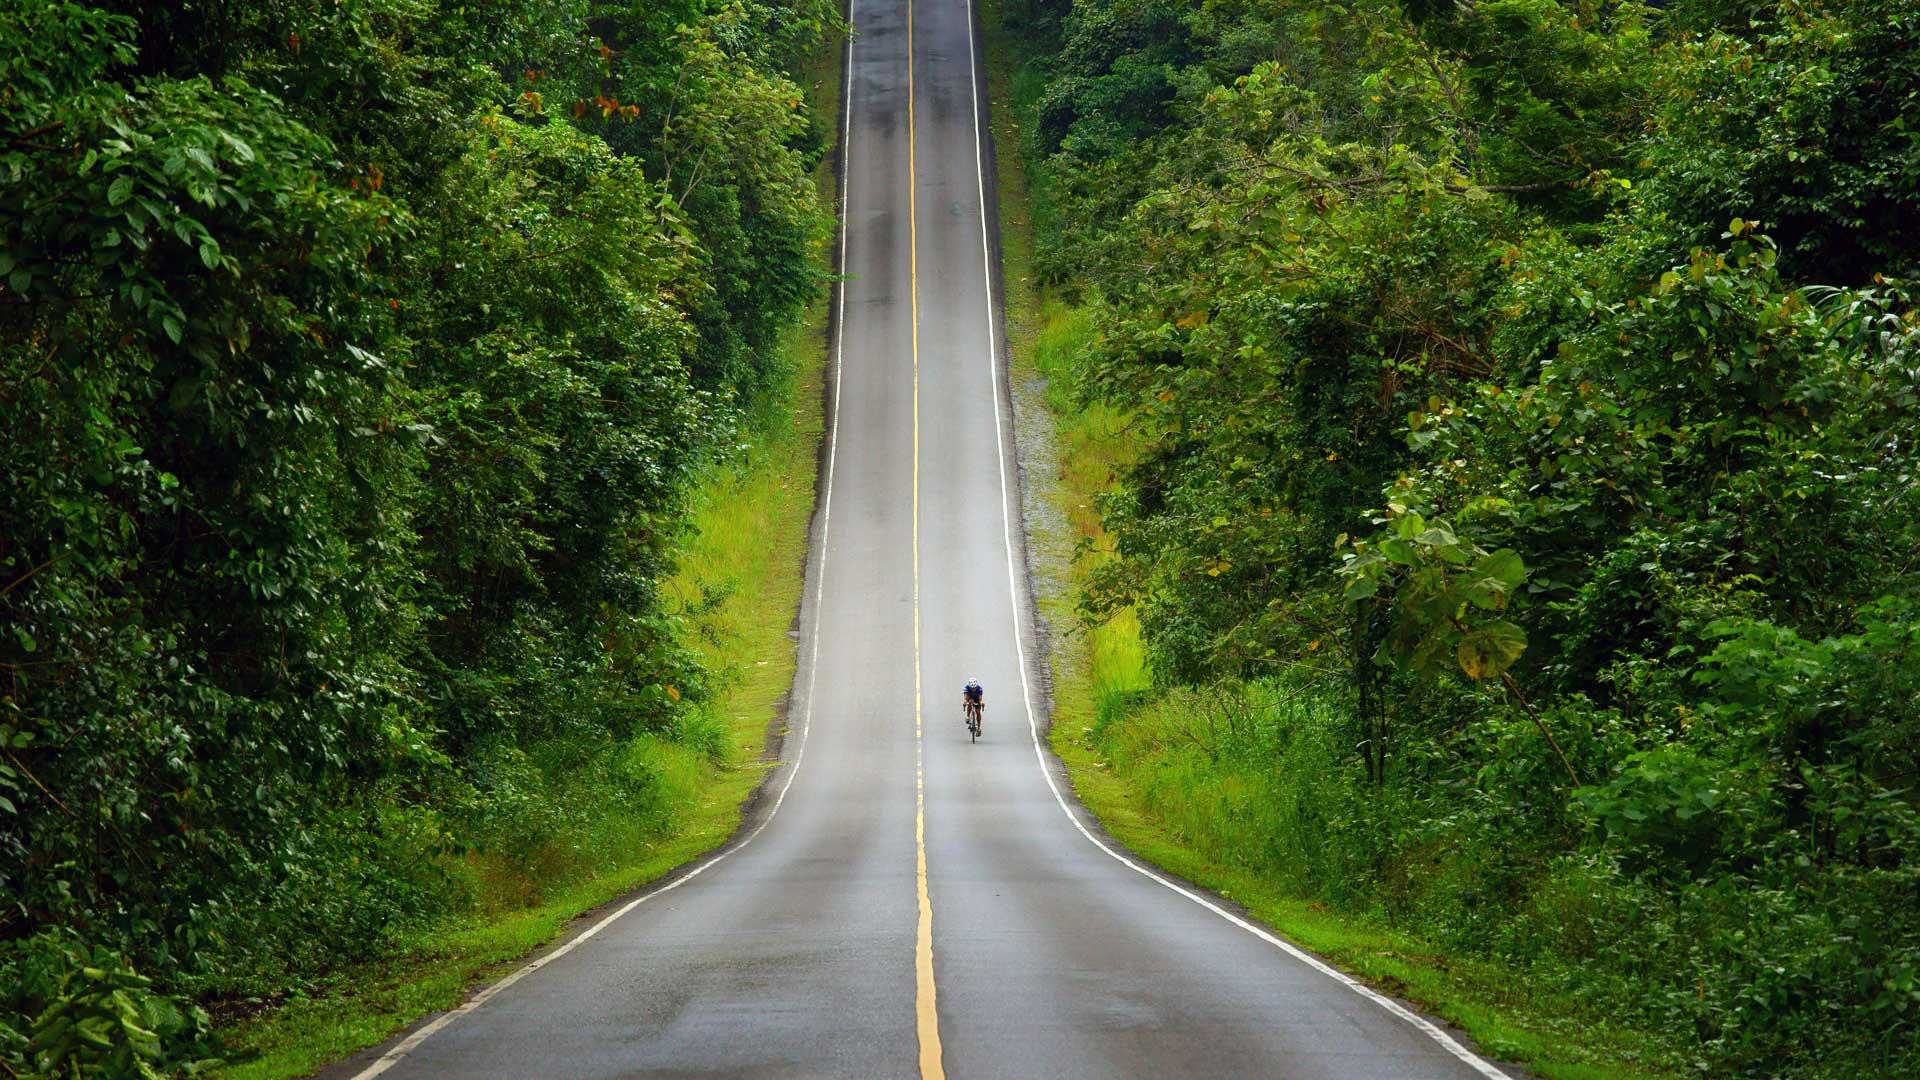 Konjunkturprogramm Corona: Radfahrer vor Steigung